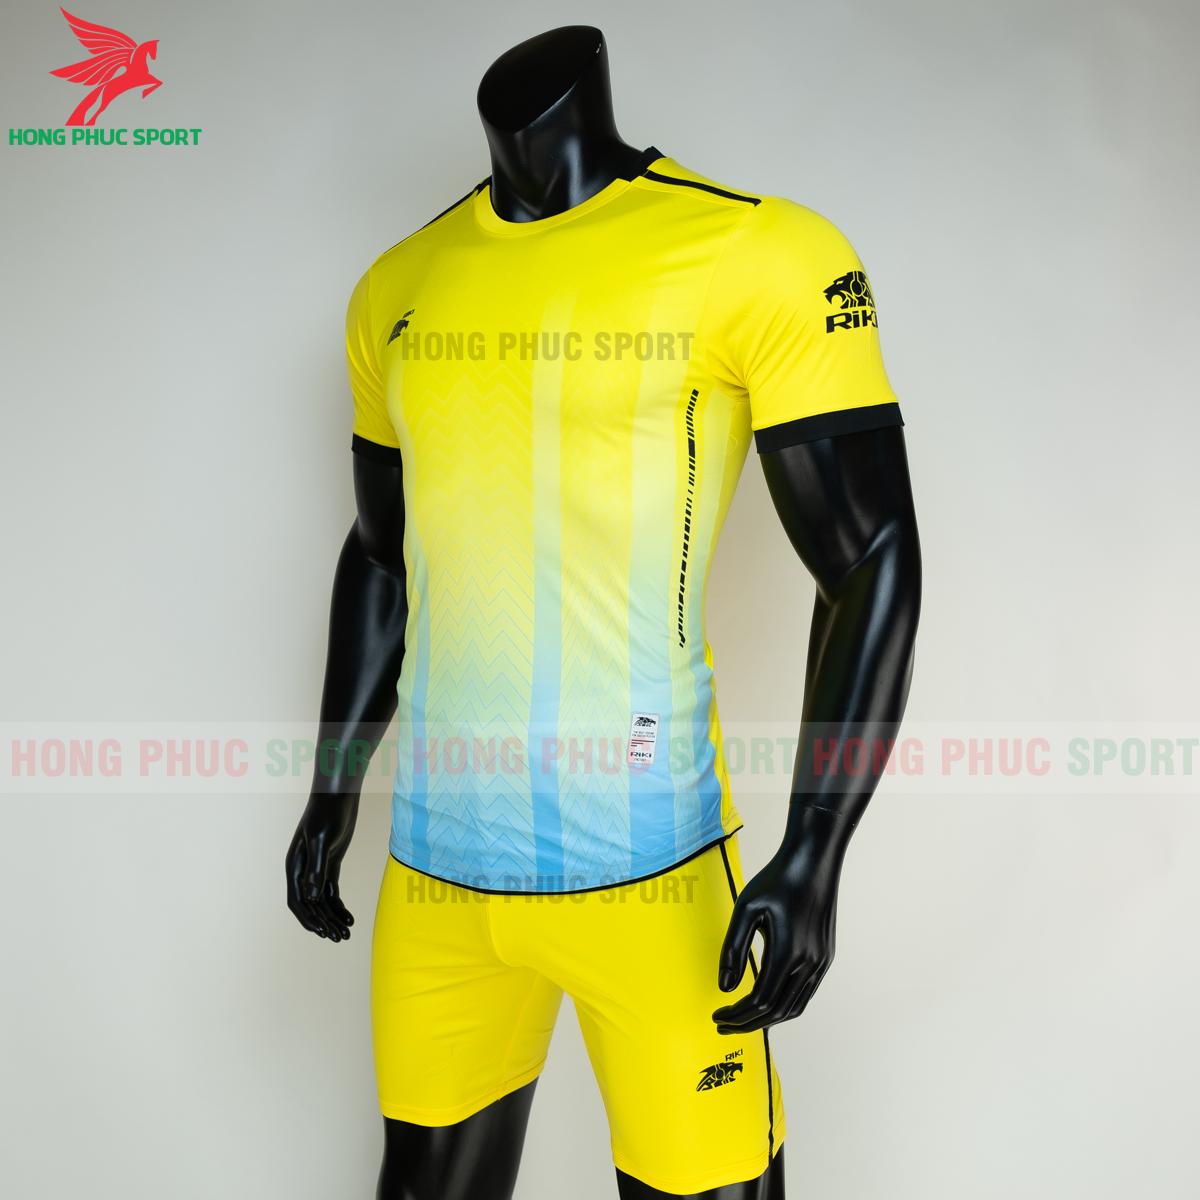 Áo đá banh không logo RIKI FURIOR 2021 màu Vàng (trái)